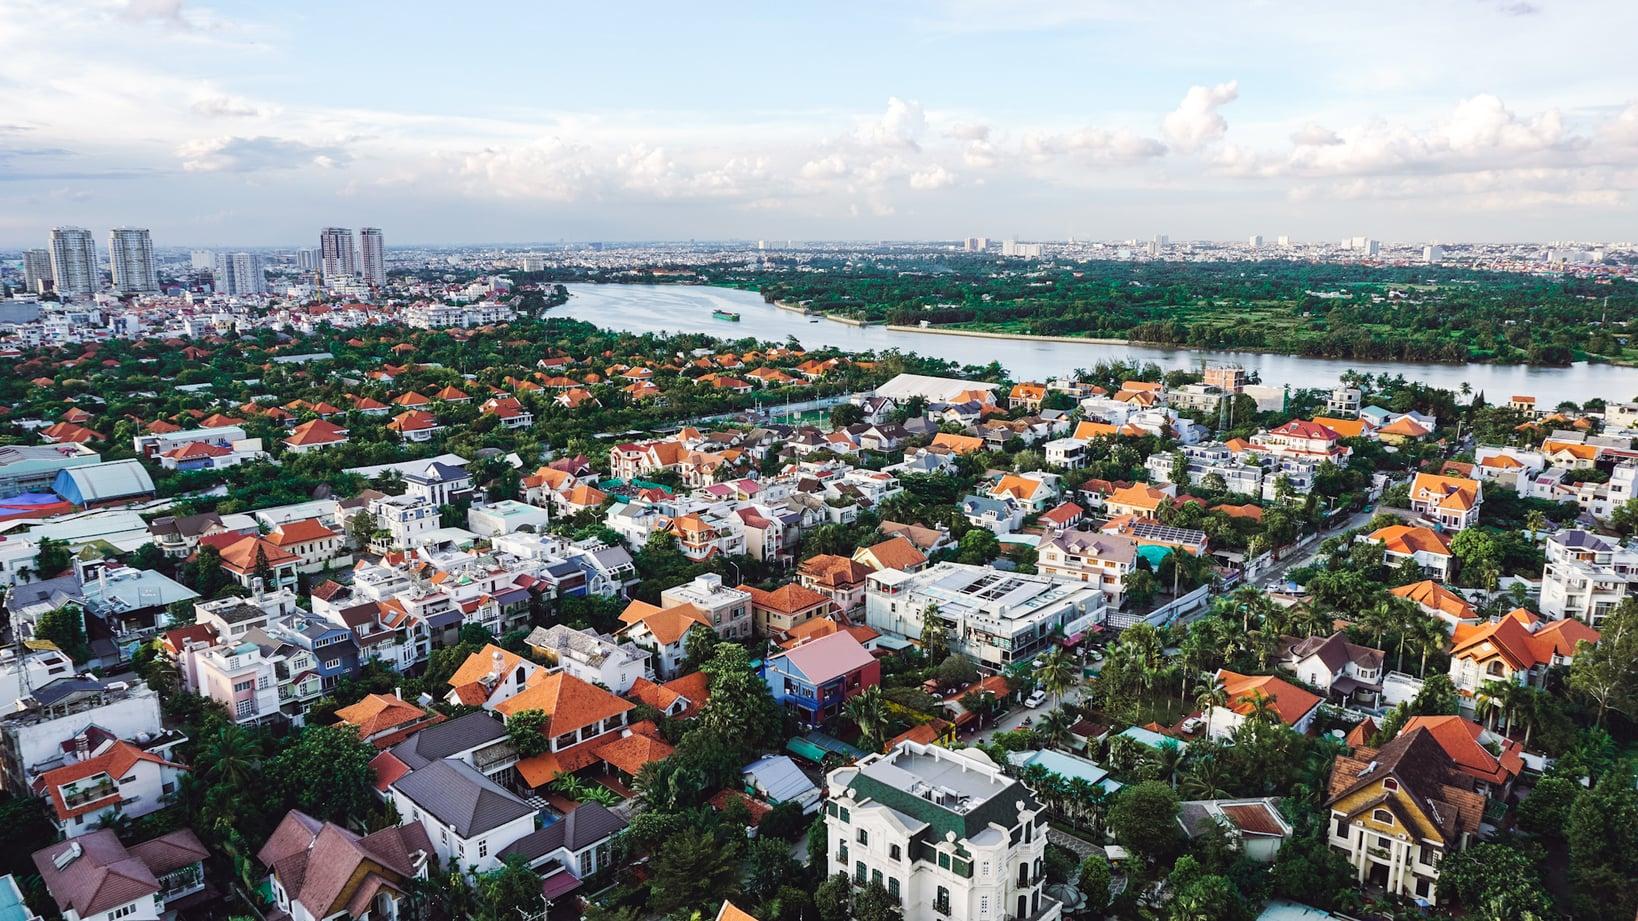 Thao Dien, Ho Chi Minh City, Vietnam